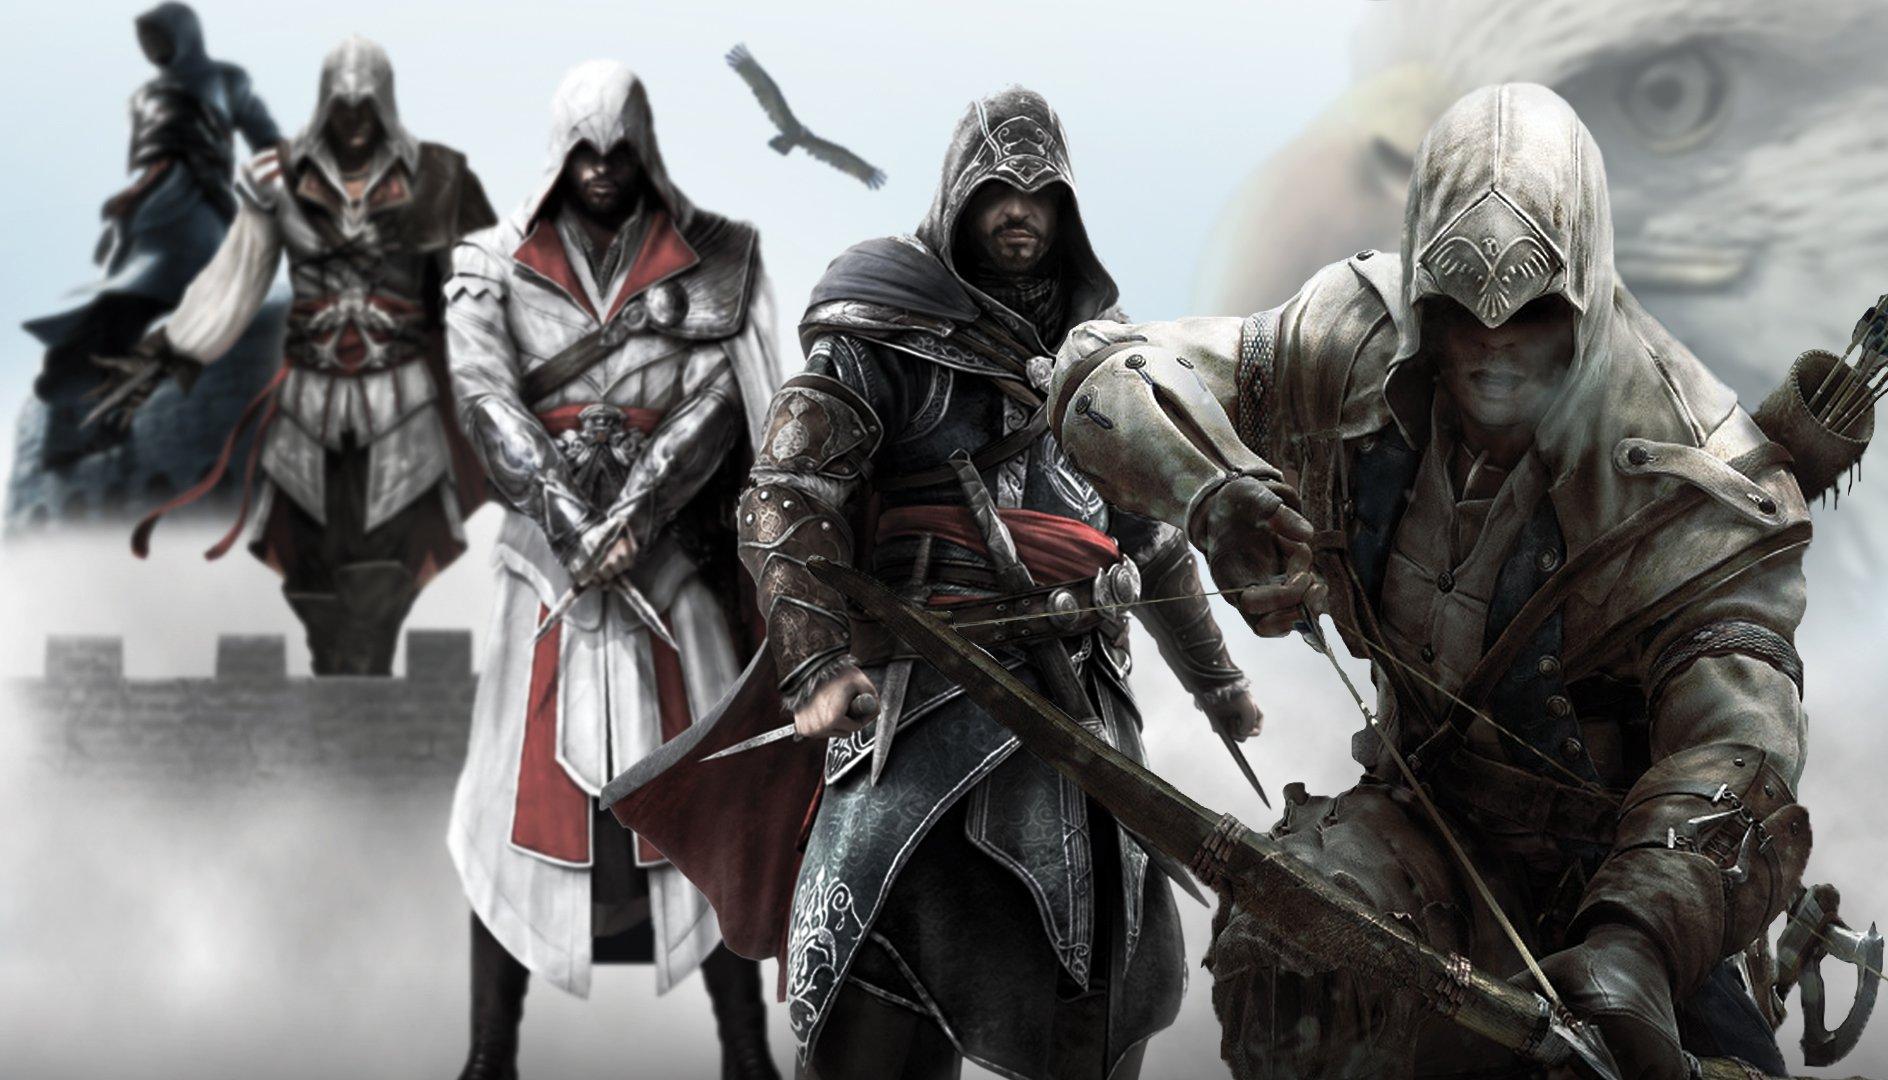 Assassin's Creed: история о противоречивом франчайзе (Часть I)  Я помню утро середины января 2008 года, когда поехал ... - Изображение 1